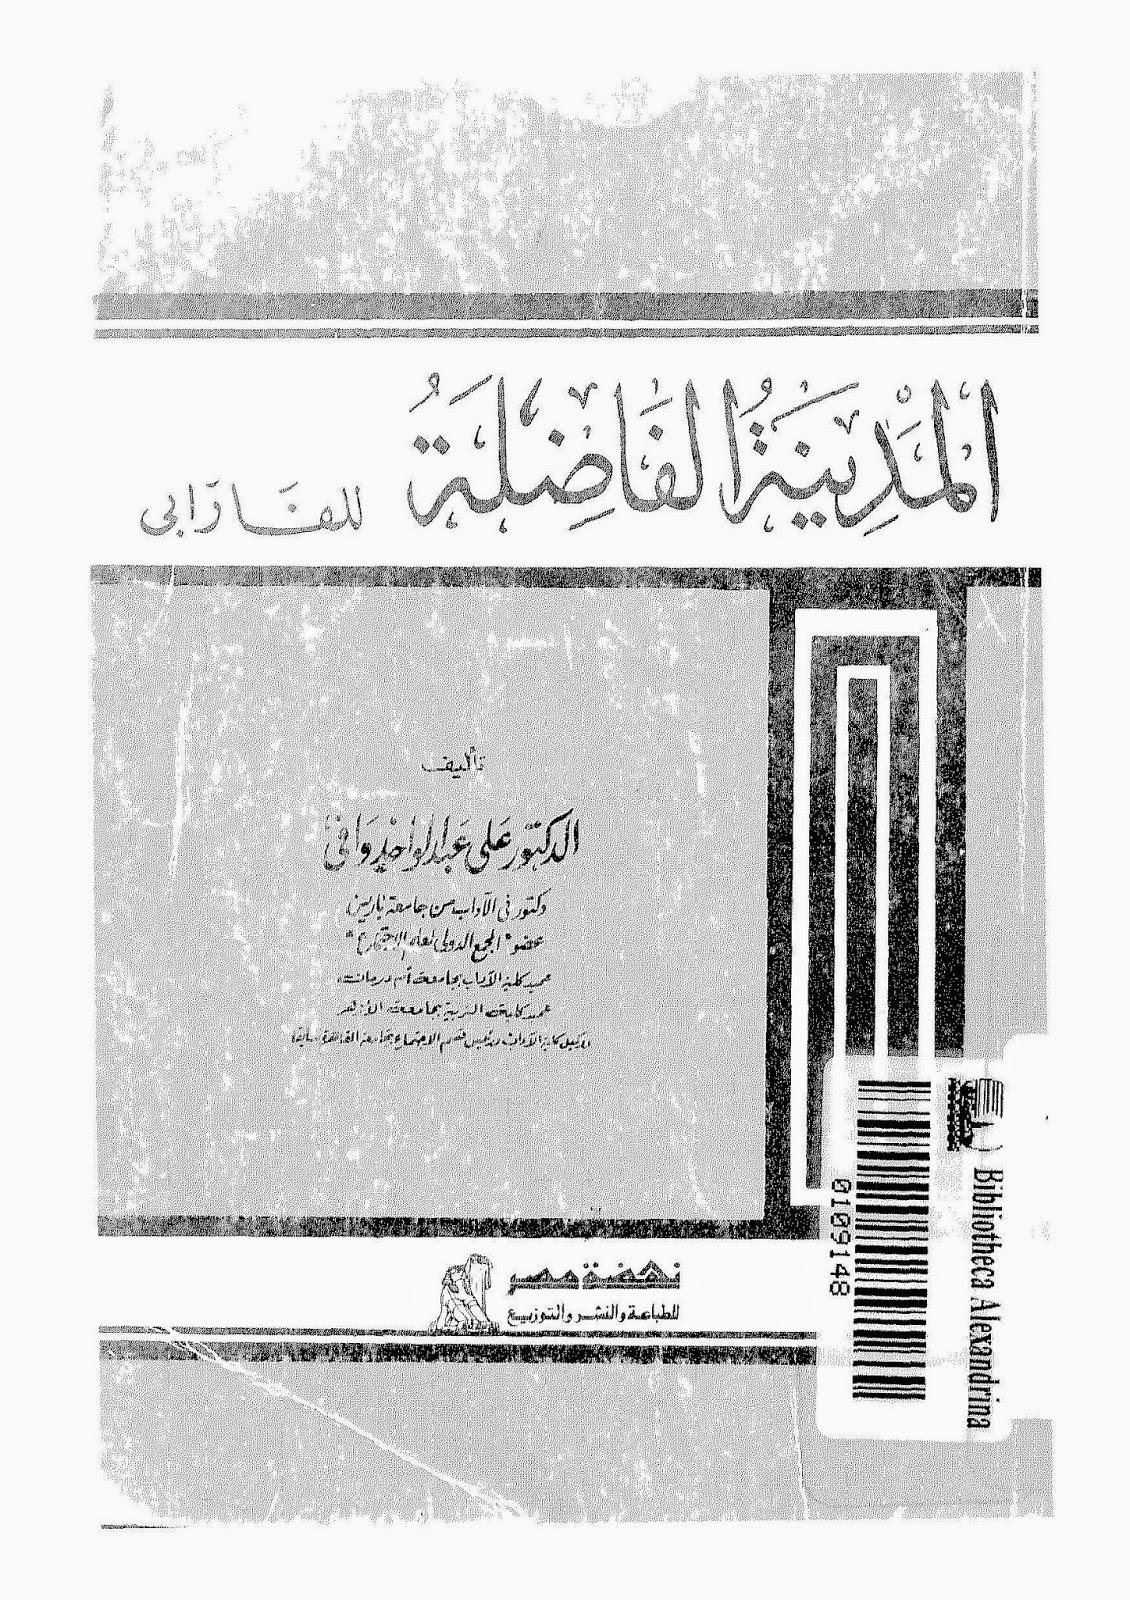 المدينة الفاضلة للفارابي للدكتور علي عبد الواحد وافي